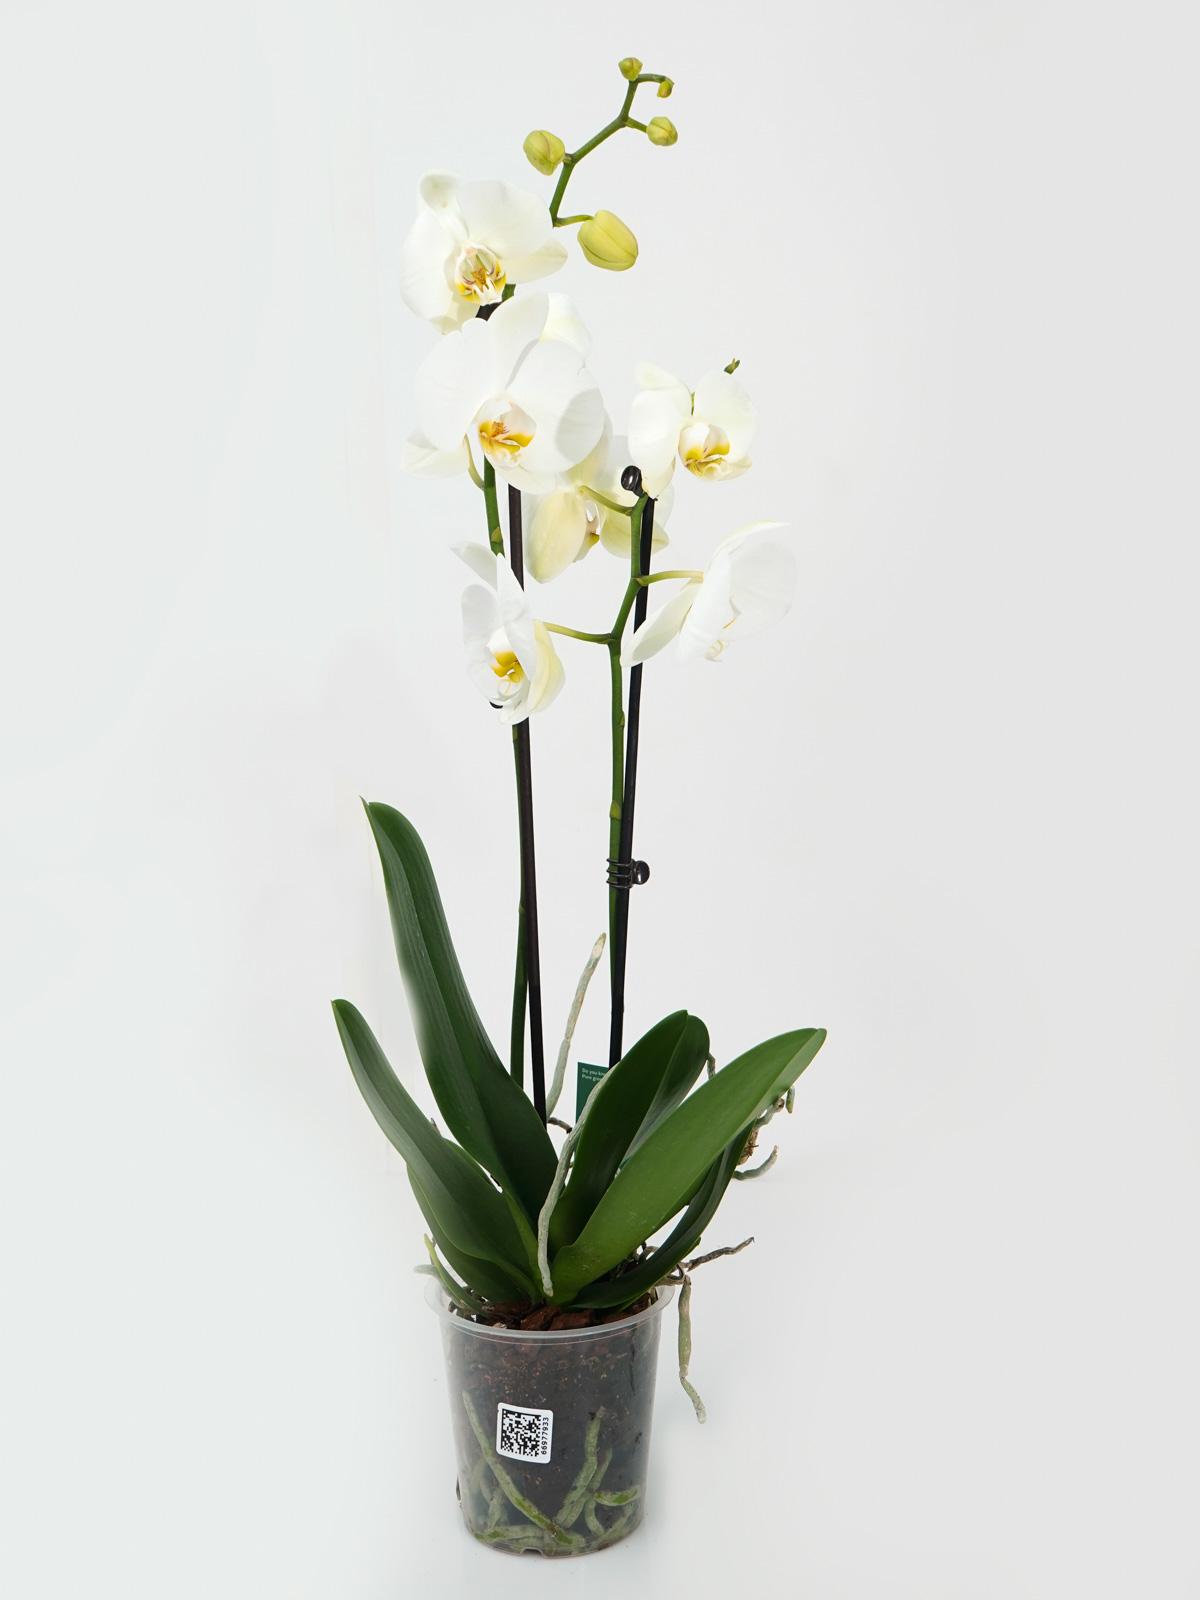 بيلانوبسيس أوركيد نباتات داخلية